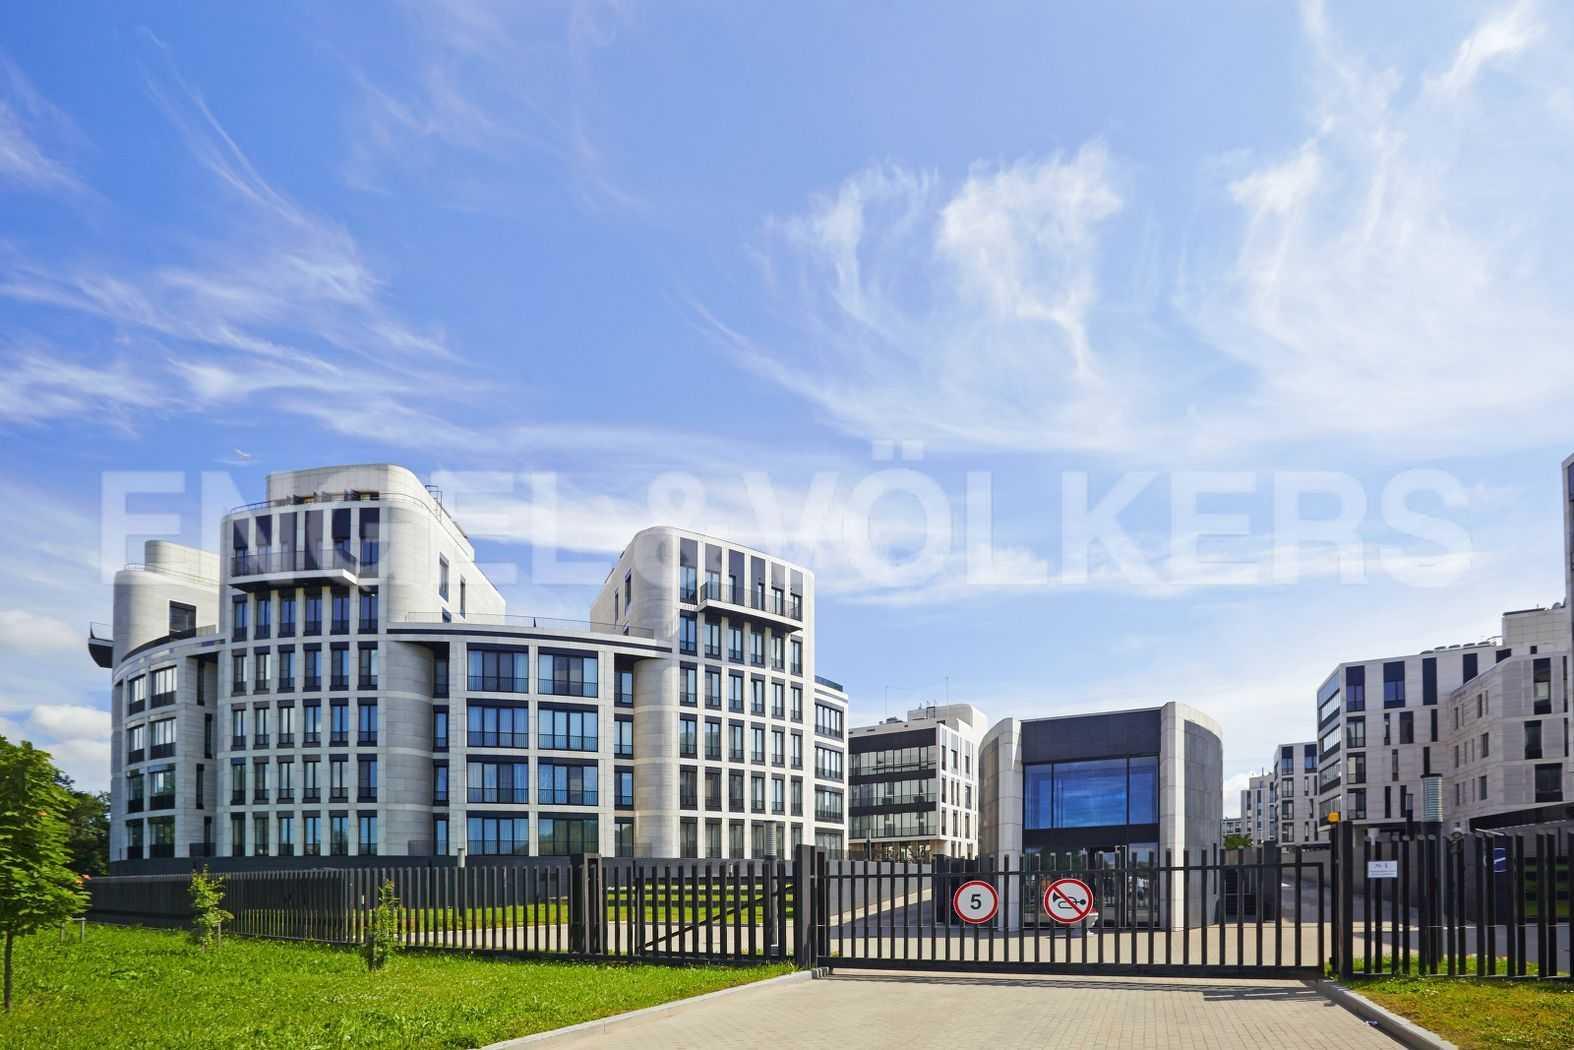 Элитные квартиры на . Санкт-Петербург, наб. Мартынова, 74. Парадный вход с Гребного канала